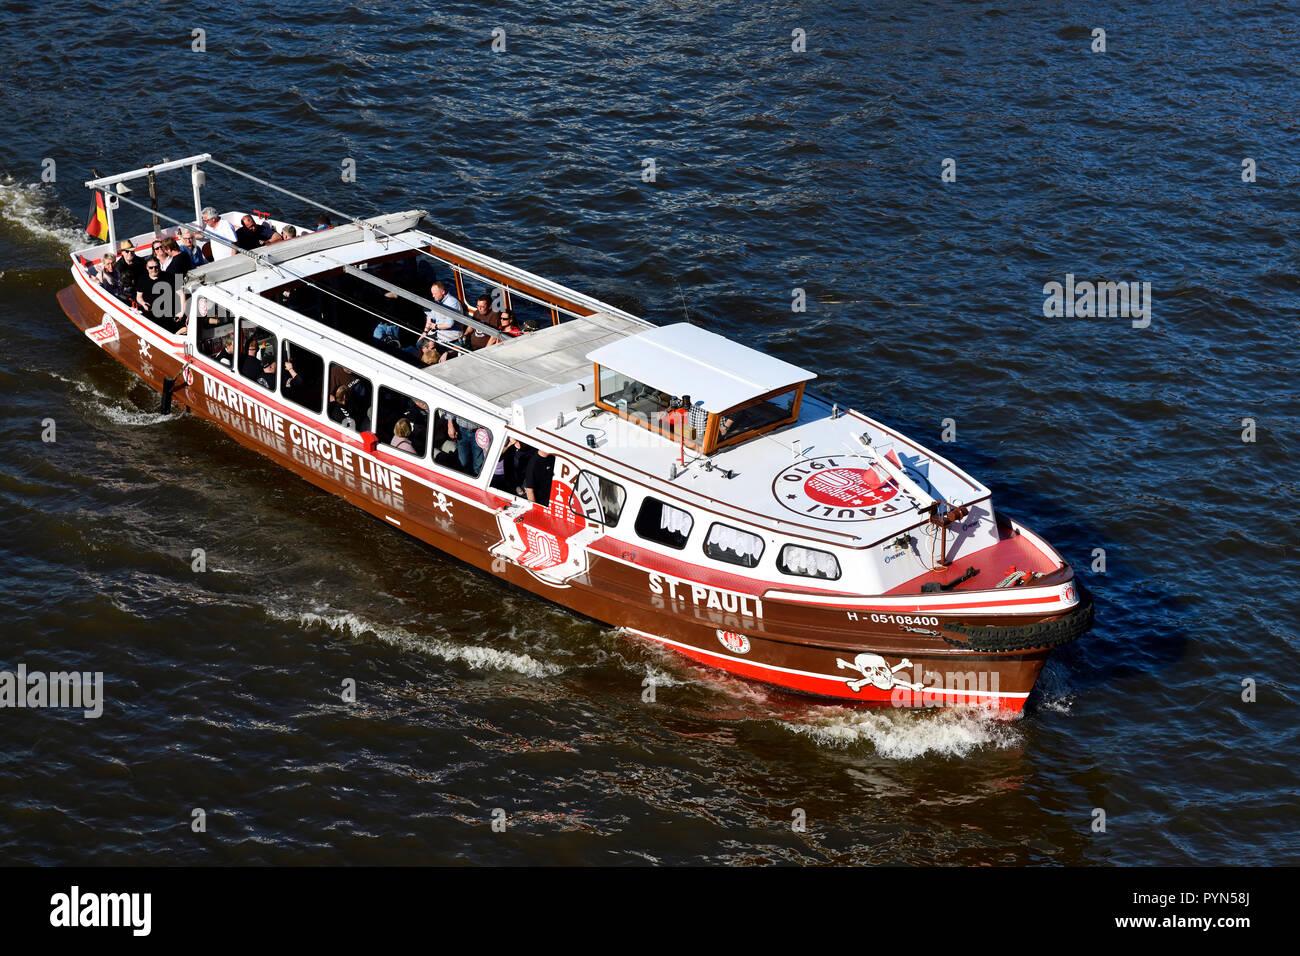 Longboat aux couleurs de l'association de football FC Saint Pauli sur la Reiherstieg à Hambourg, Allemagne, Europe, Barkasse dans den Farben des Fußballv Banque D'Images